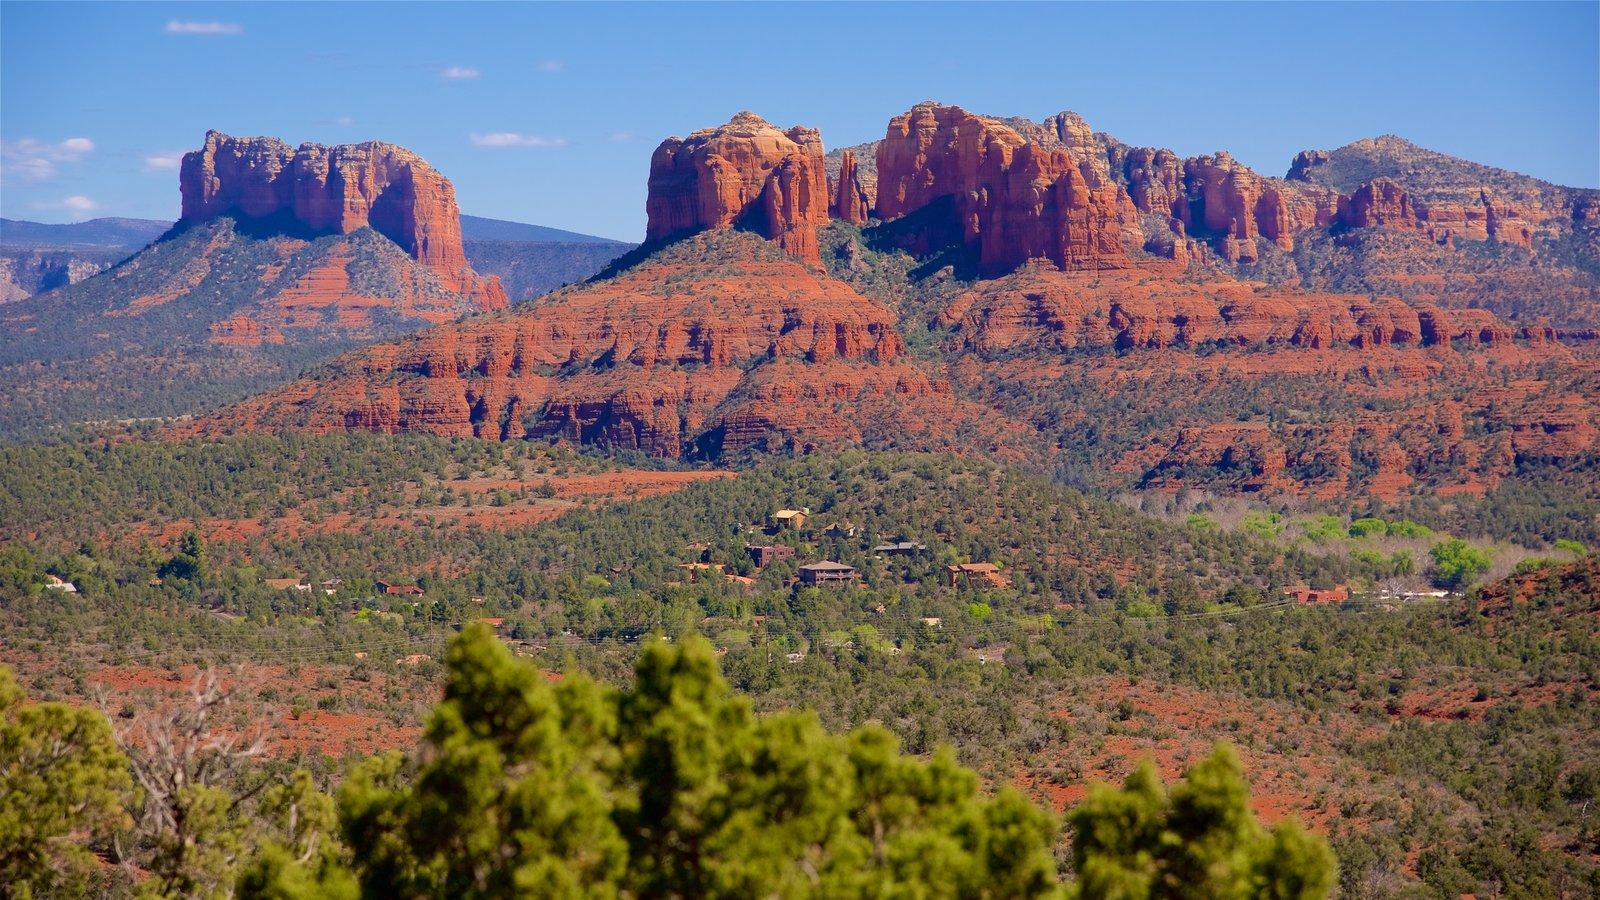 Norte de Arizona mostrando paisagem, paisagens do deserto e montanhas